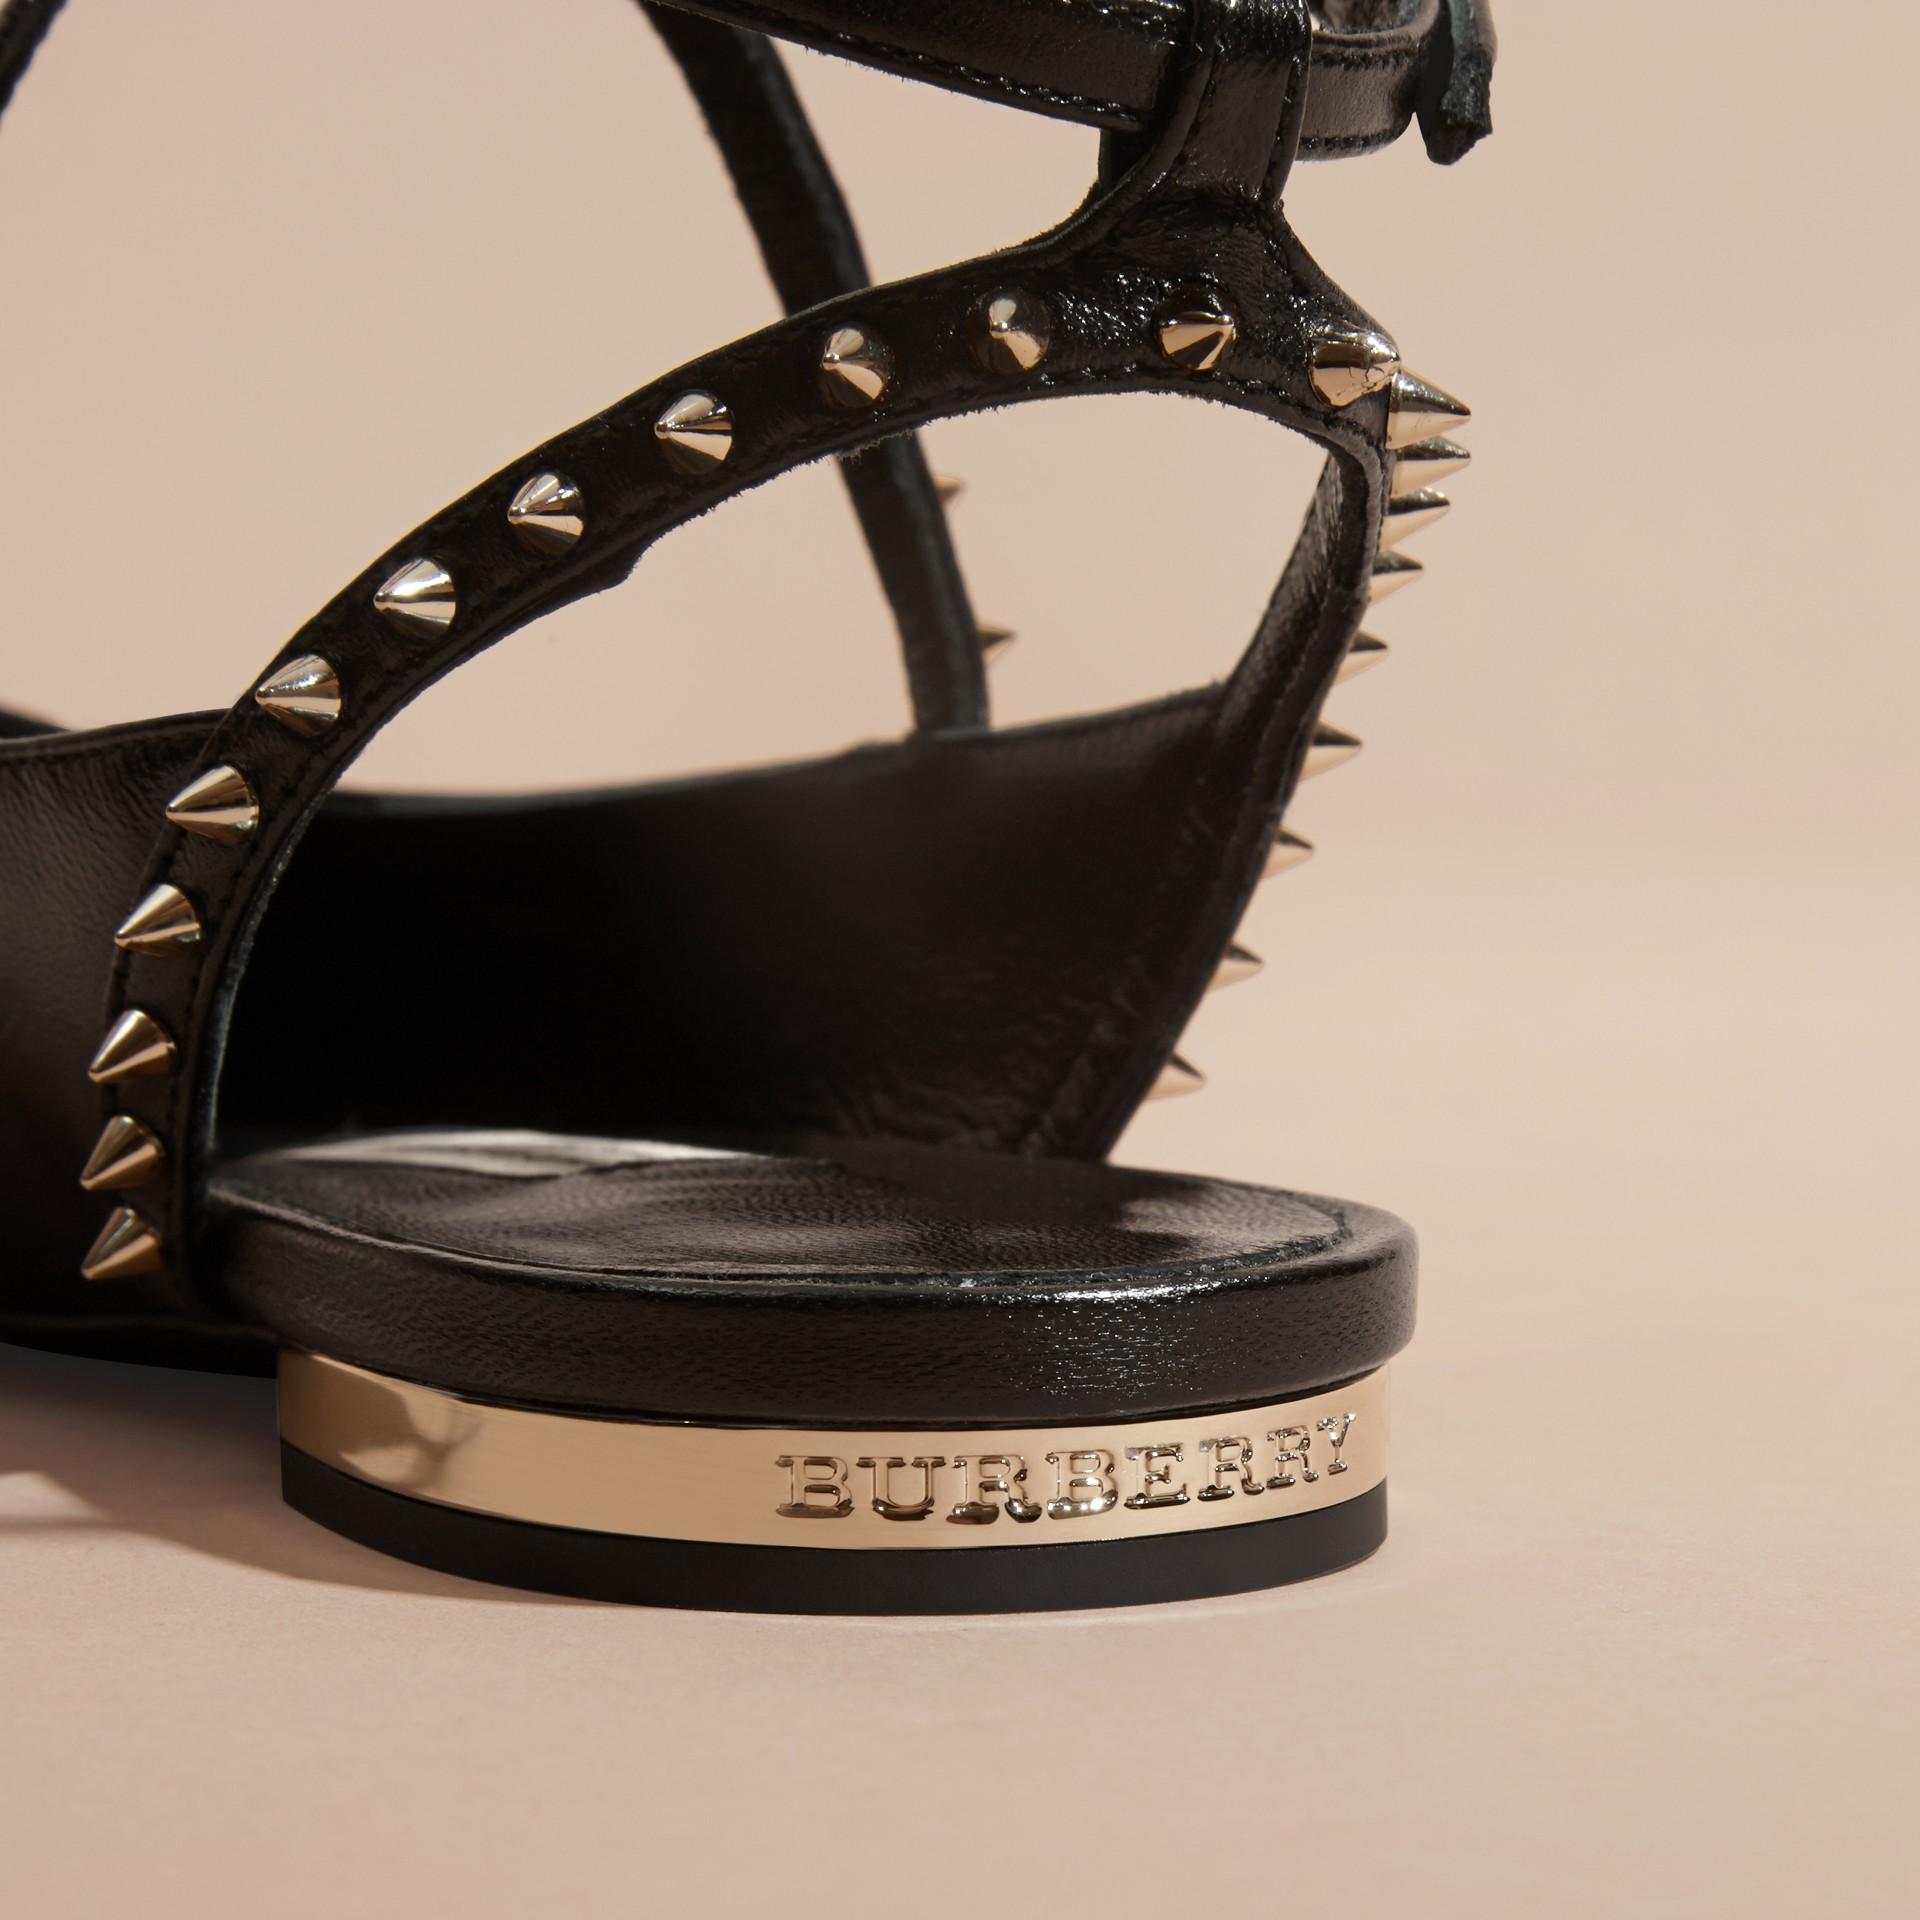 Nero Sandali tipo Chanel in pelle borchiata - immagine della galleria 2